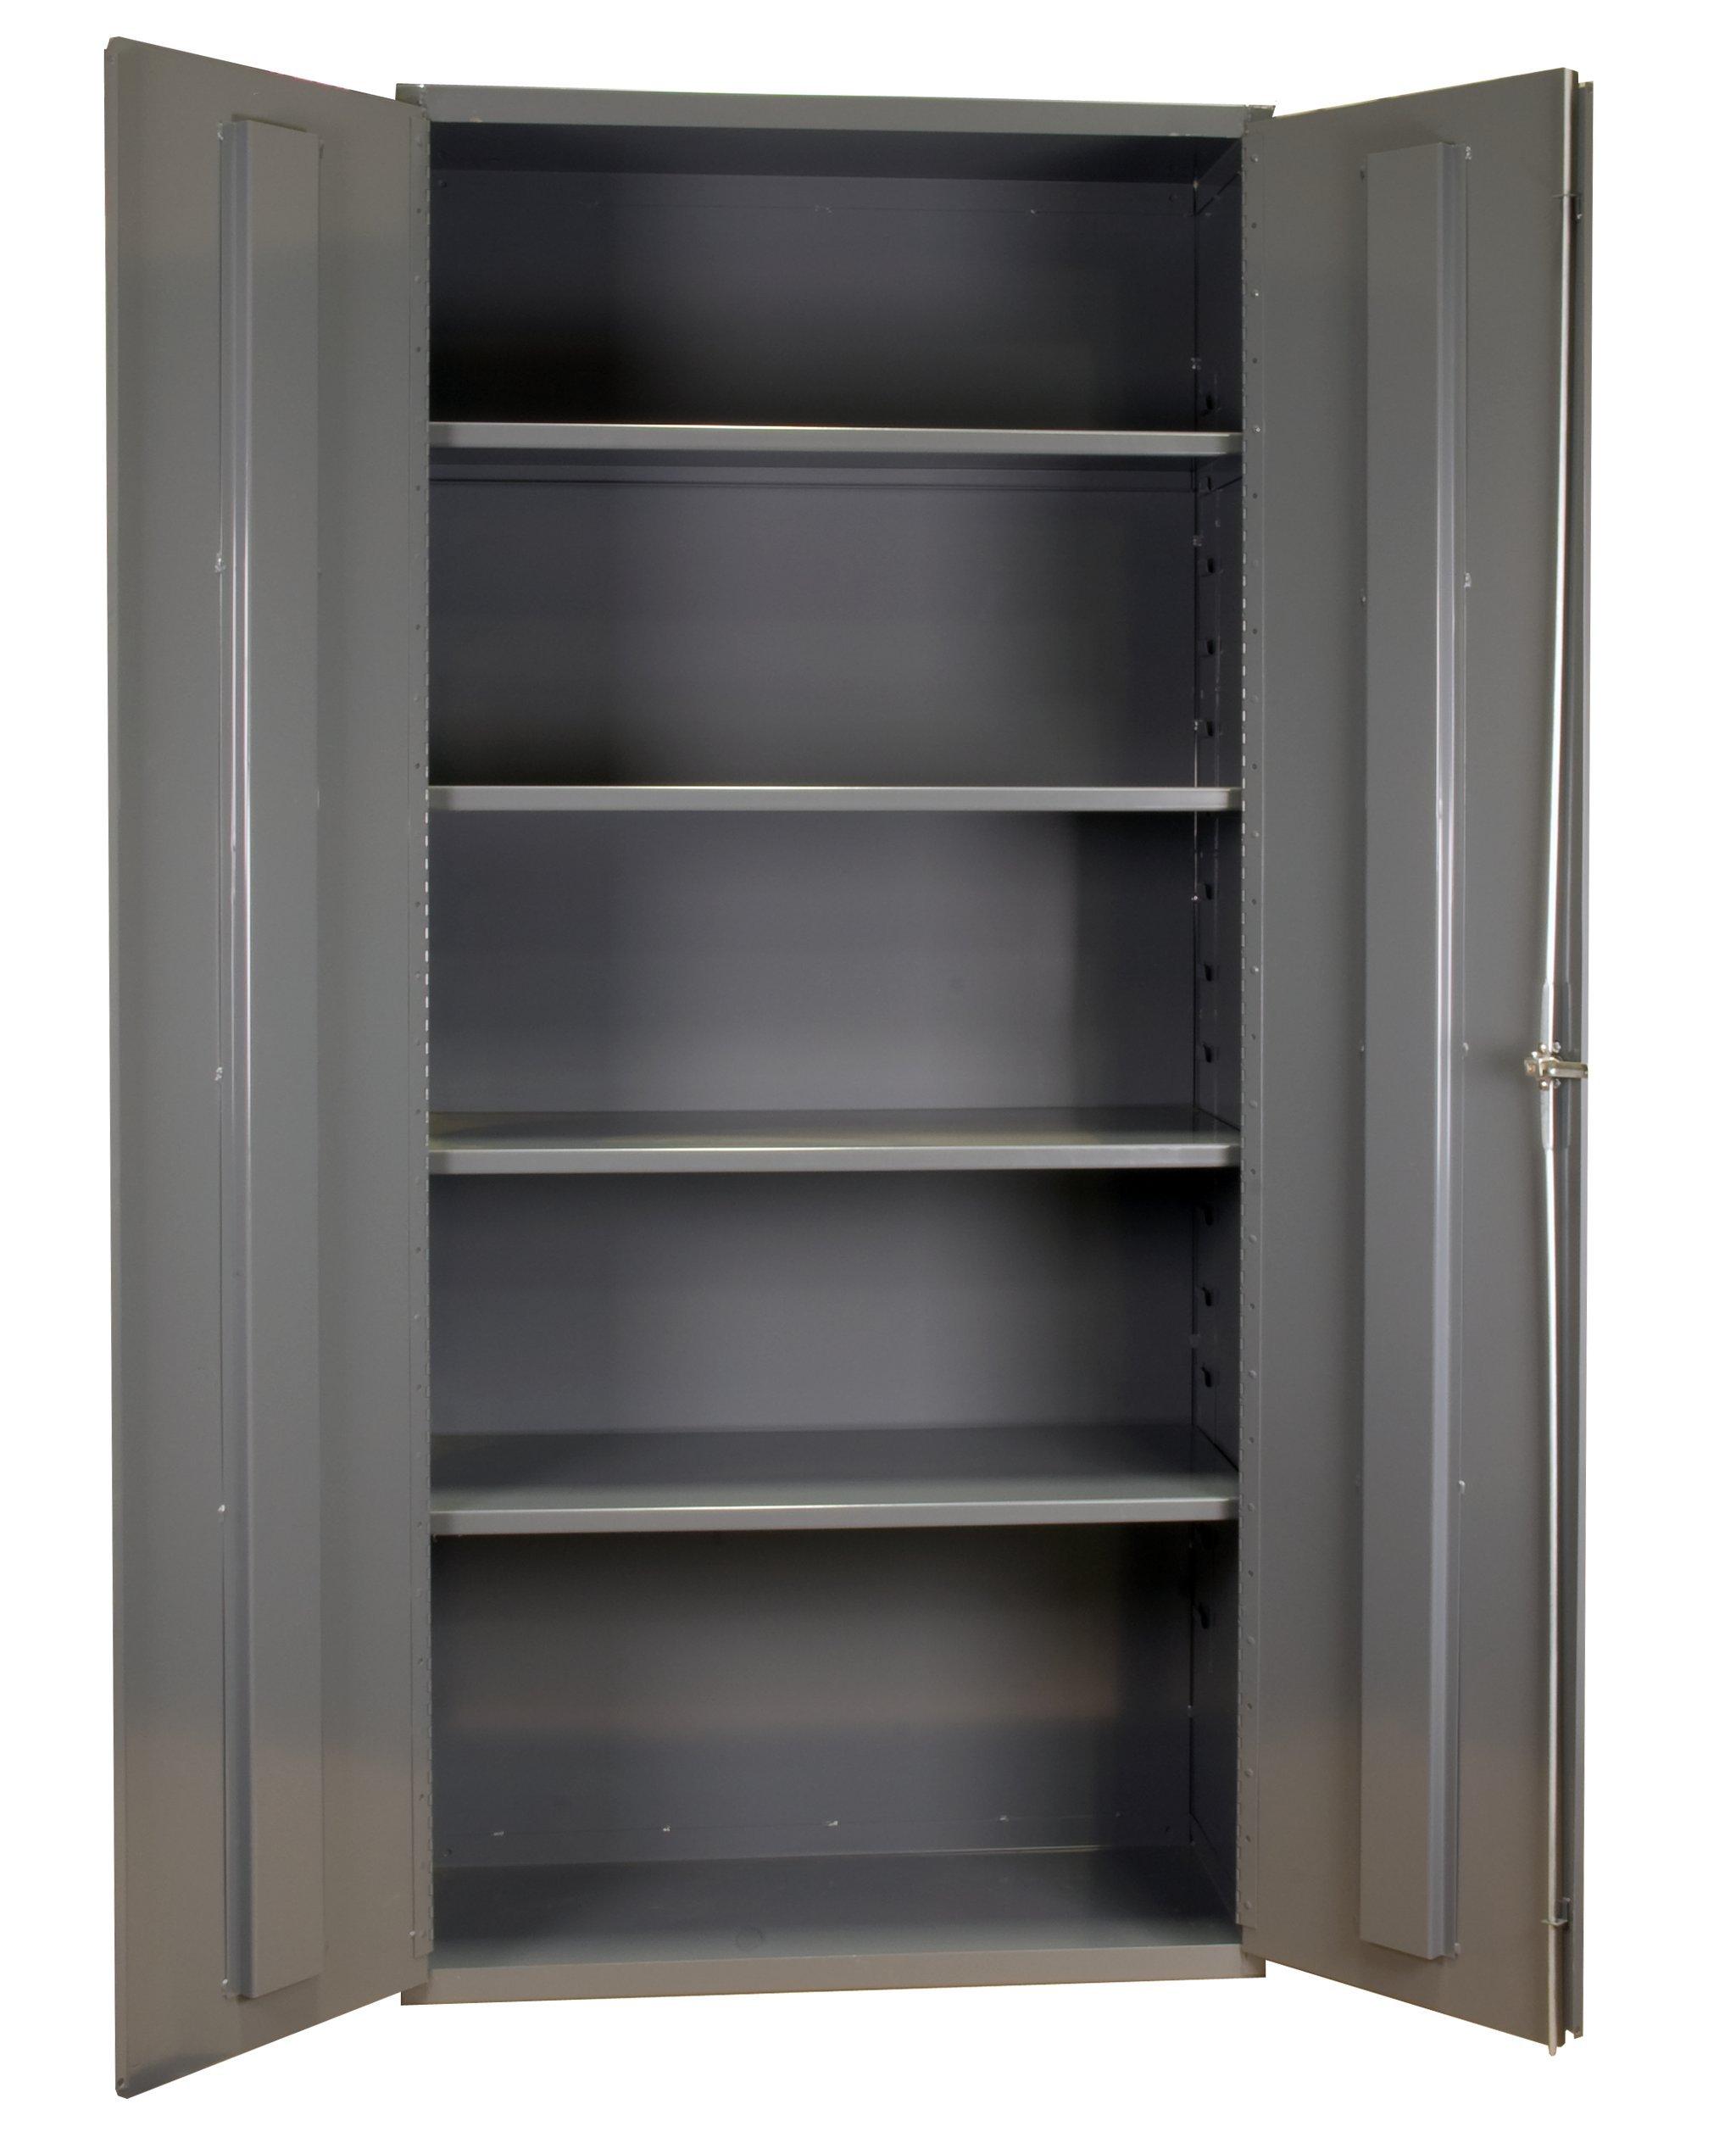 """Durham 14 Gauge Welded Steel Heavy Duty Flush Door Style Storage Cabinet, 3501-4S-95,  3600 lbs Capacity,  24"""" Length x 36"""" Width x 72"""" Height,  4 Adjustable Shelves"""